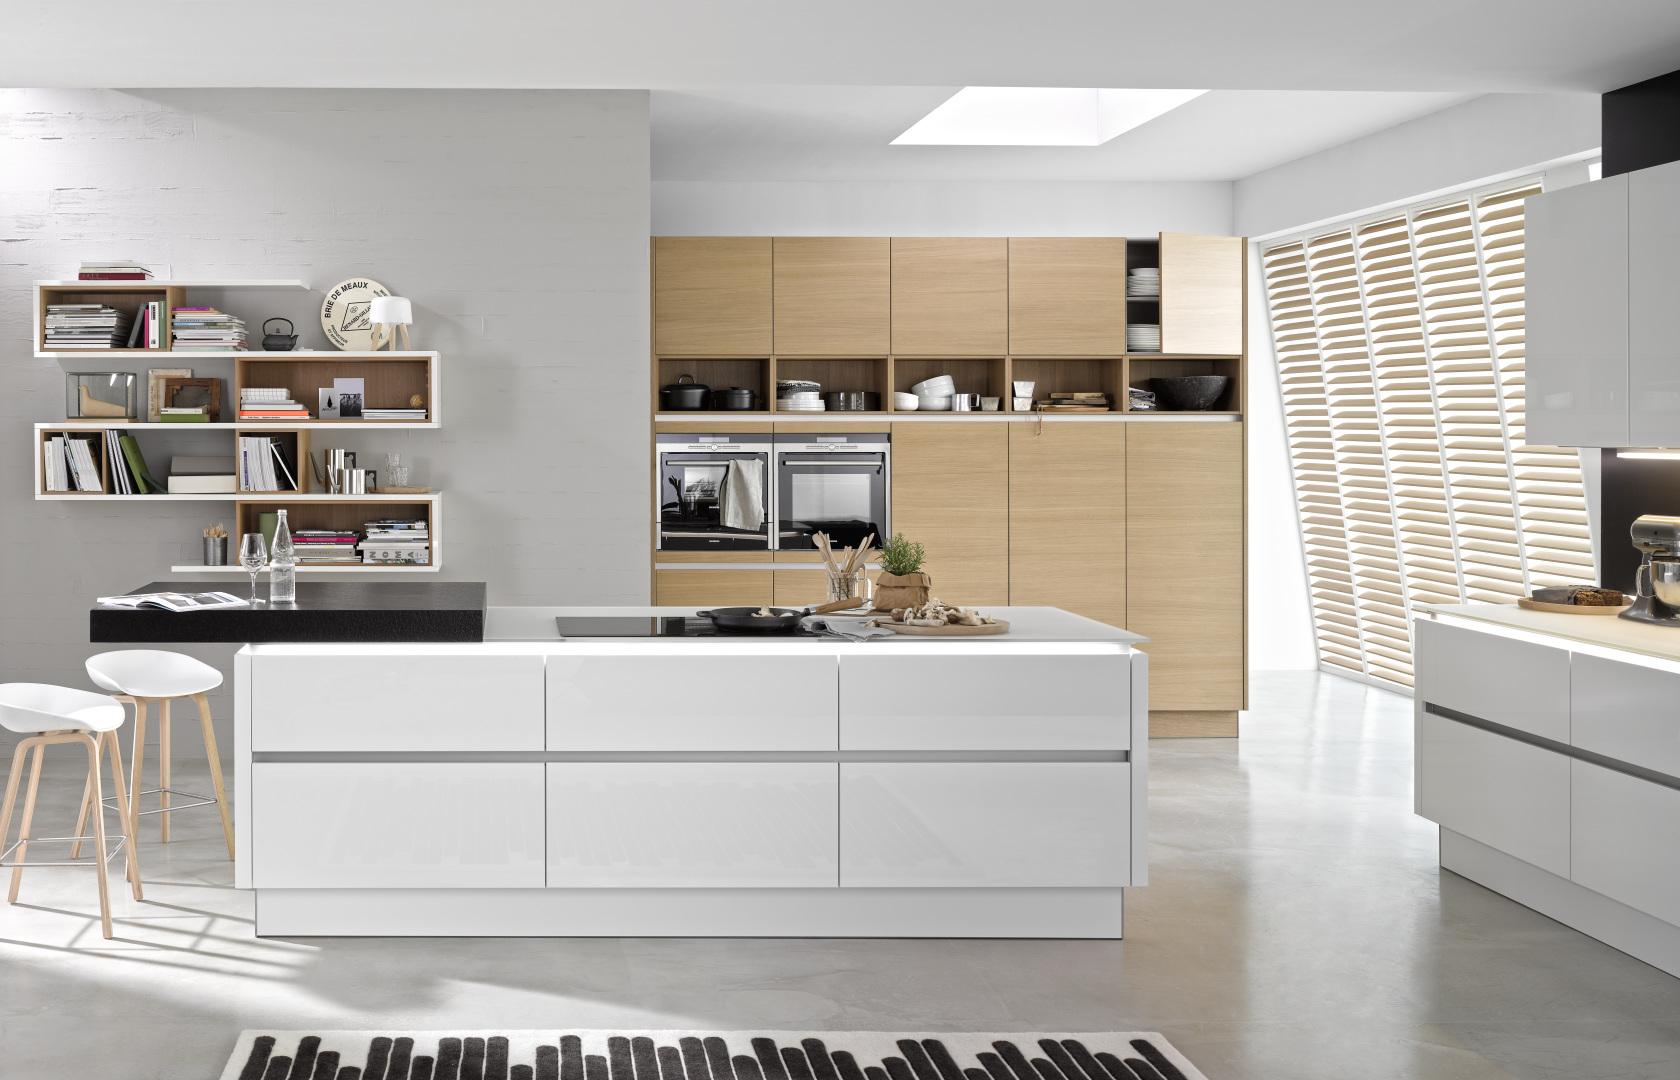 Biała kuchnia lakierowana z fornirowanymi dodatkami